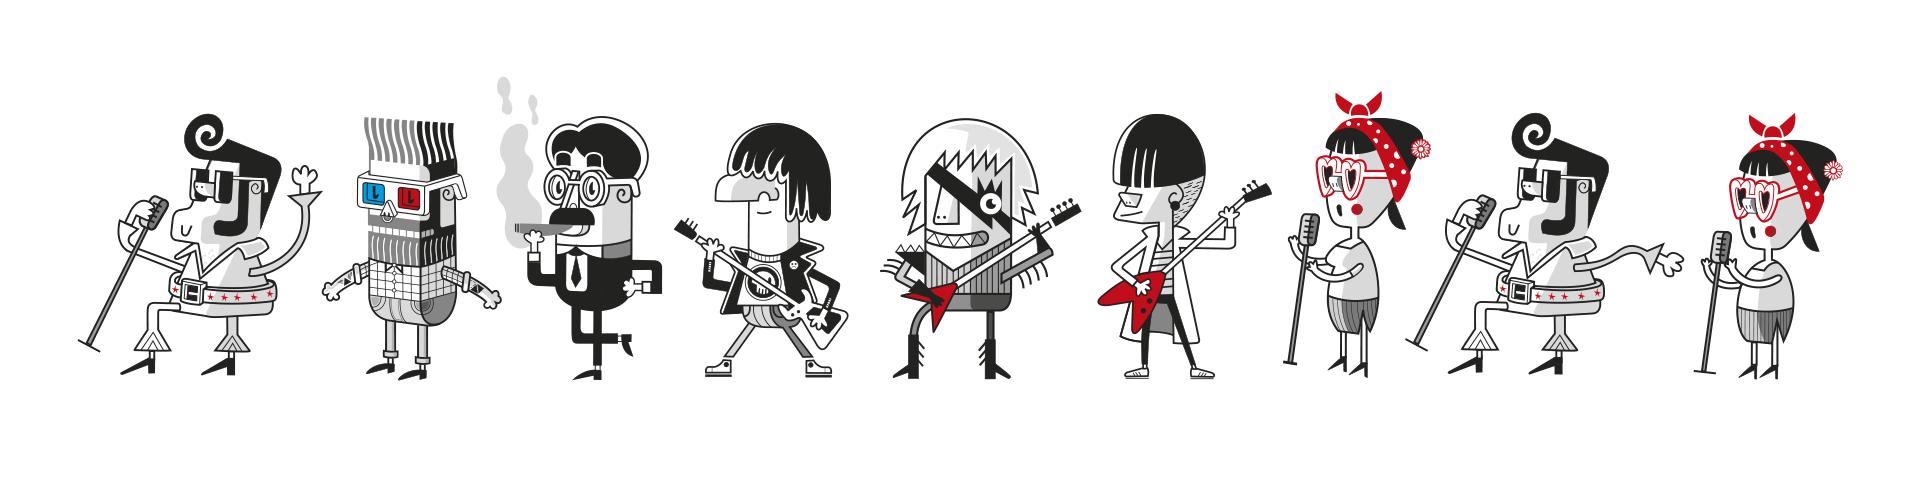 Ilustración personajes festival actual 2016